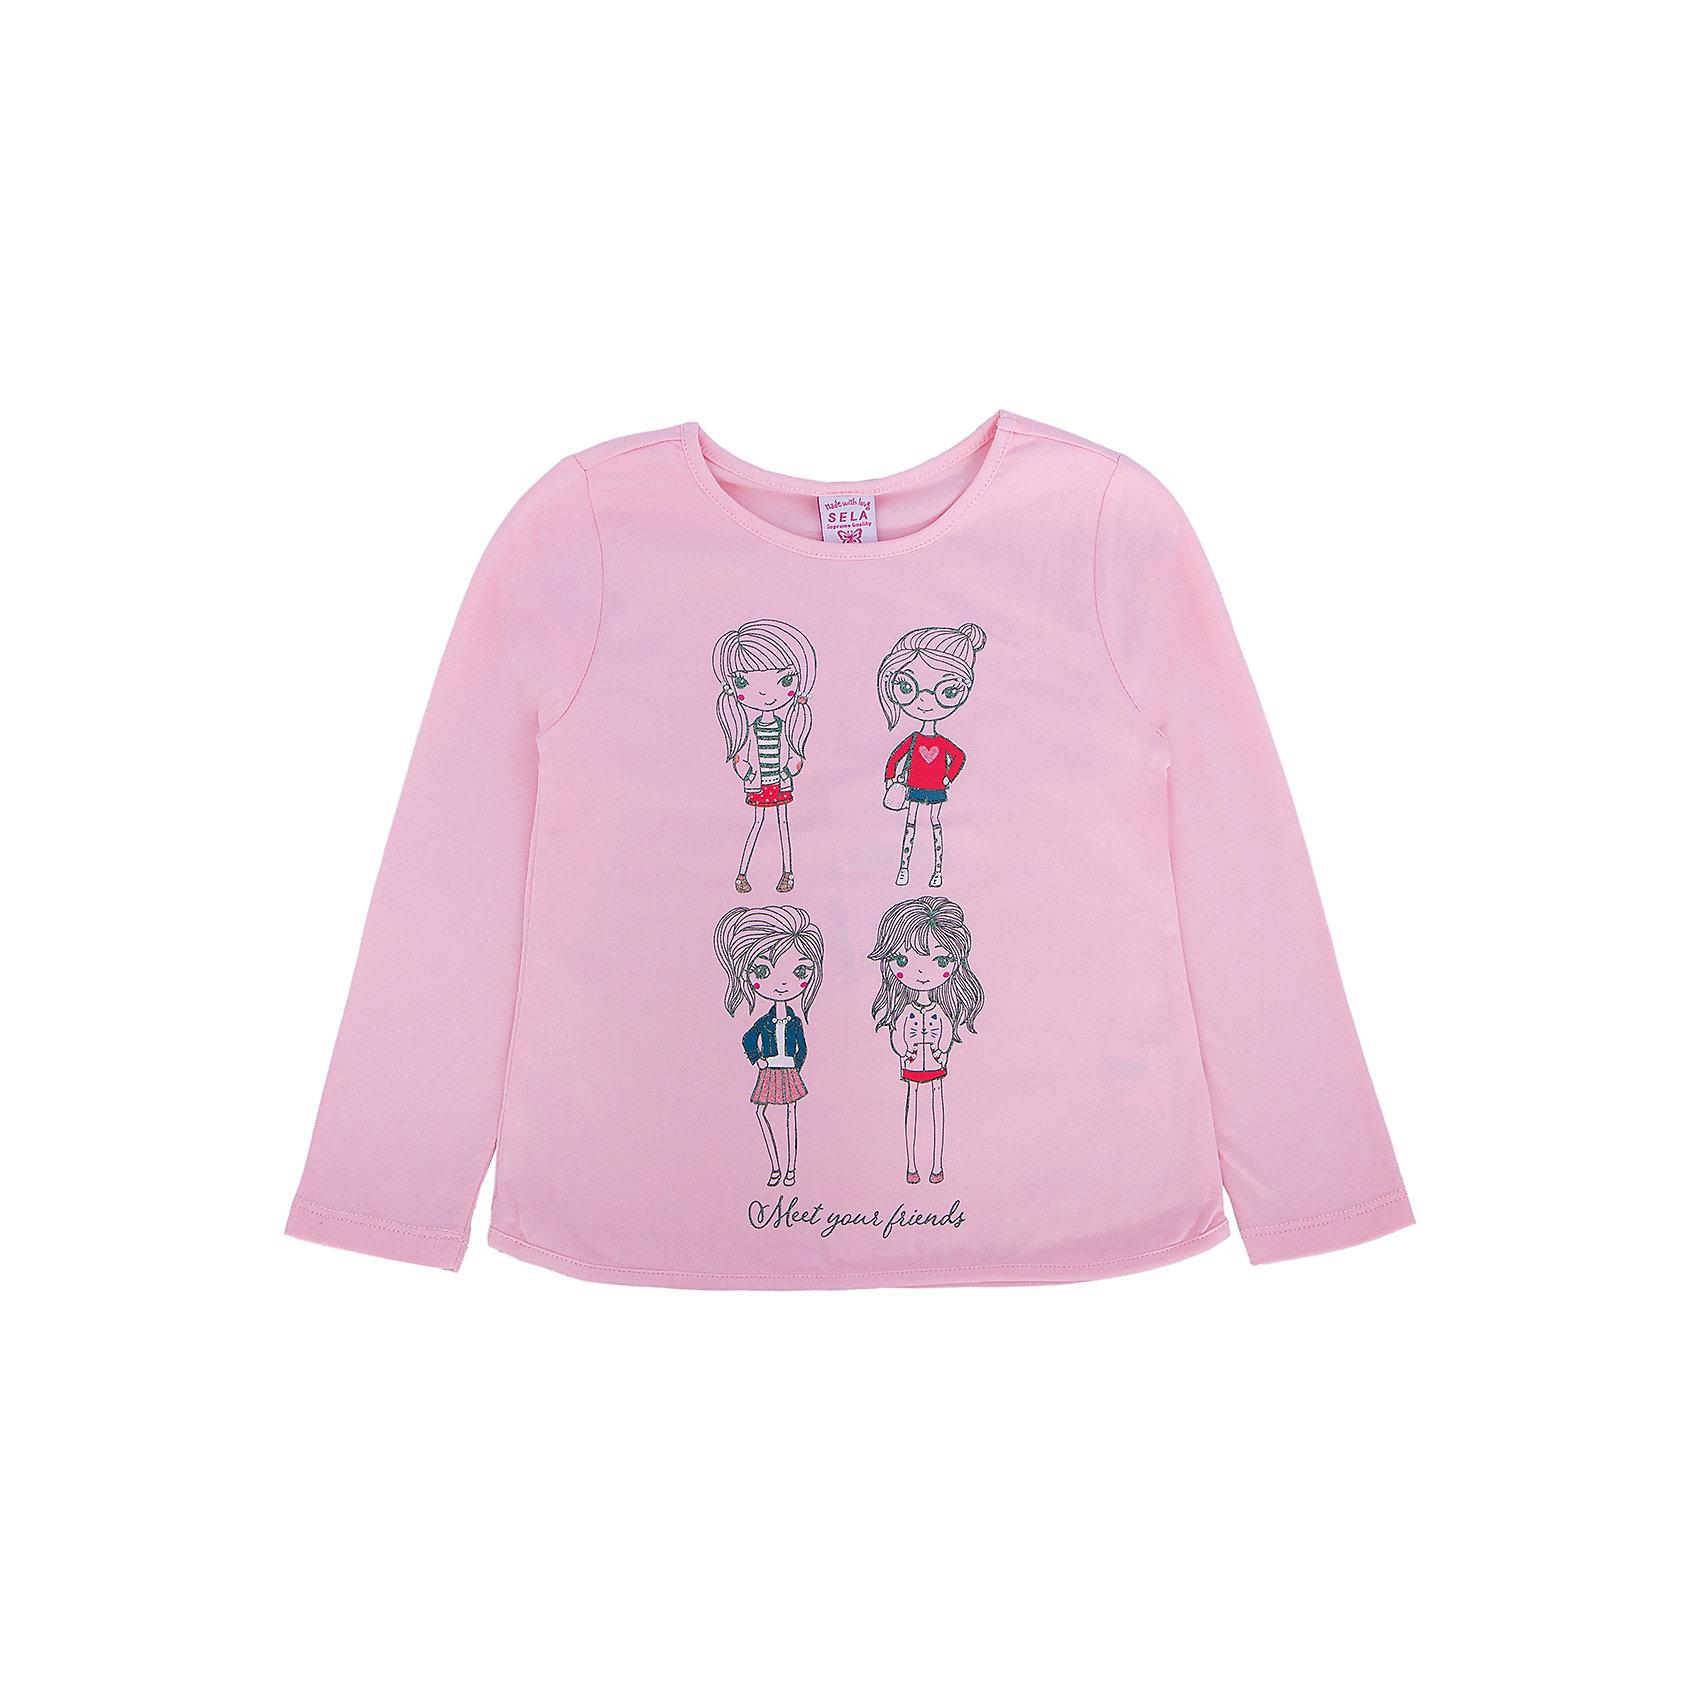 Футболка с длинным рукавом для девочки SELAОчаровательный джемпер для девочки от популярного бренда SELA. Изделие выполнено из натурального гипоаллергенного материала, очень мягкого и приятного к телу, и обладает следующими особенностями:<br>- нежно-розовый цвет, милый принт на груди;<br>- округлый вырез горловины;<br>- длинные рукава;<br>- комфортный крой.<br>Идеальный выбор на каждый день.<br><br>Дополнительная информация:<br>- состав: 95% хлопок, 5% эластан<br>- цвет: розовый<br><br>Джемпер для девочки SELA можно купить в нашем магазине<br><br>Ширина мм: 190<br>Глубина мм: 74<br>Высота мм: 229<br>Вес г: 236<br>Цвет: розовый<br>Возраст от месяцев: 24<br>Возраст до месяцев: 36<br>Пол: Женский<br>Возраст: Детский<br>Размер: 98,92,116,110,104<br>SKU: 4741043